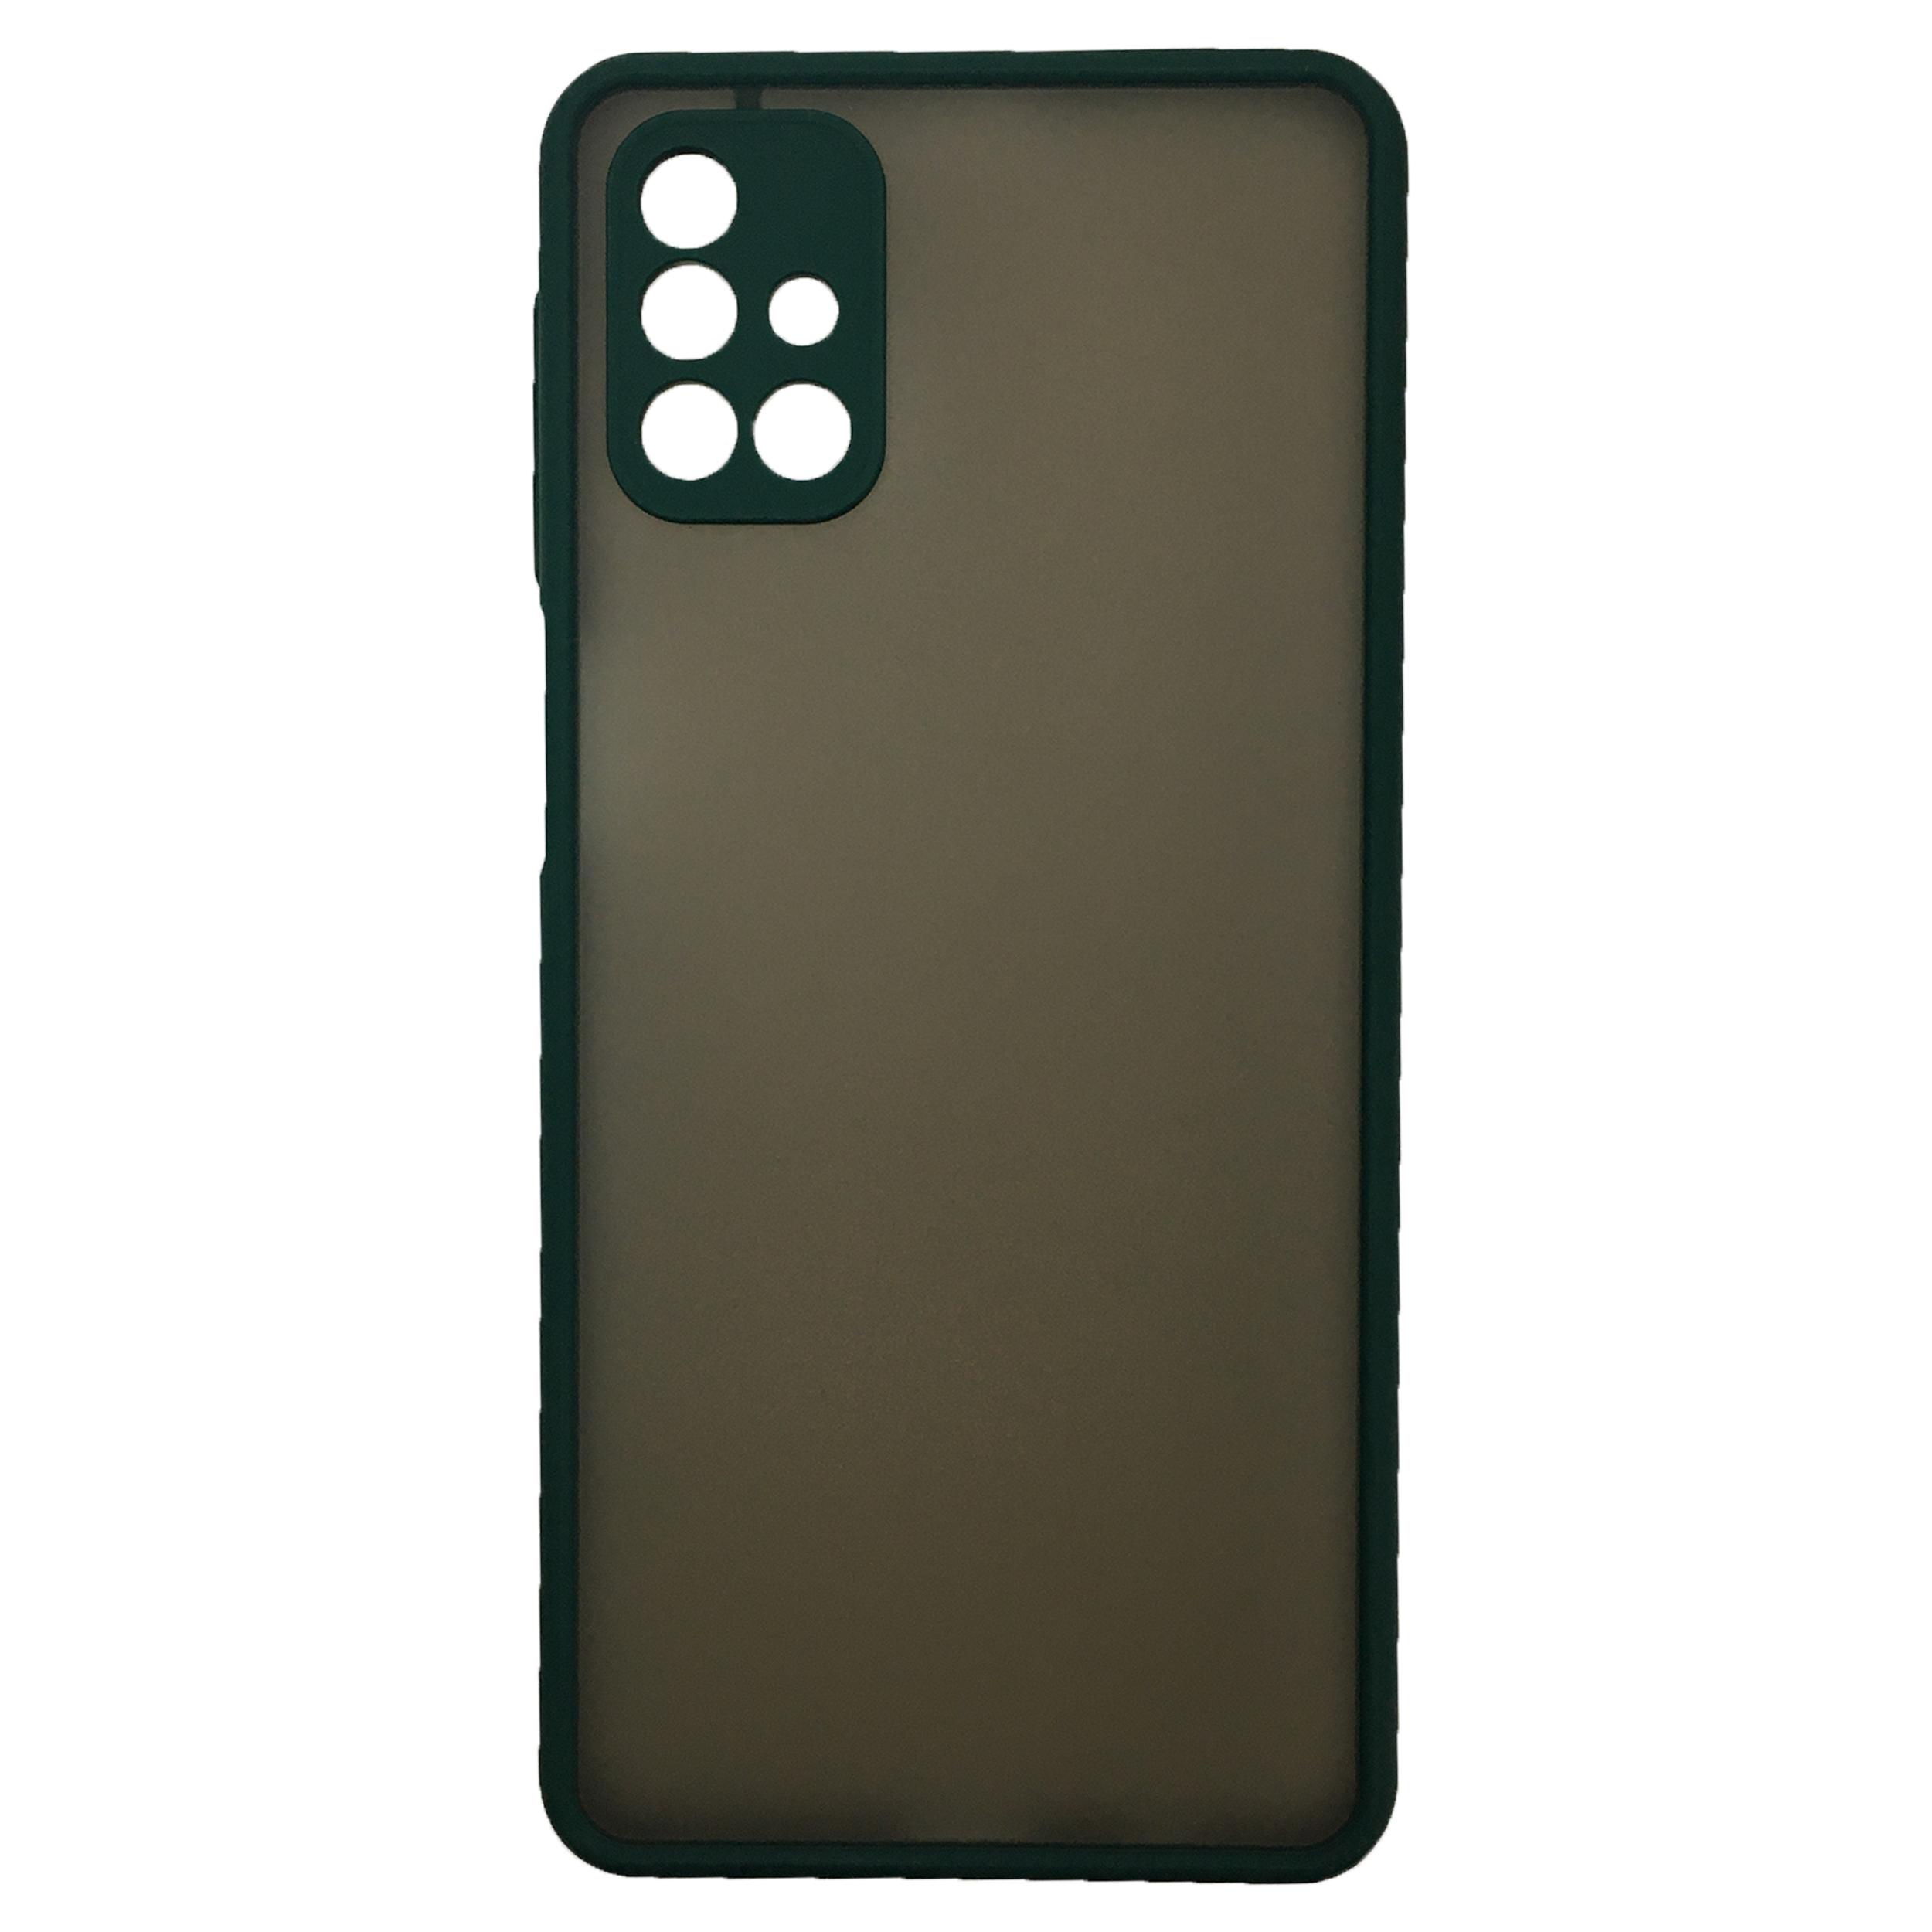 کاور مدل PM-M31S مناسب برای گوشی موبایل سامسونگ Galaxy M31s